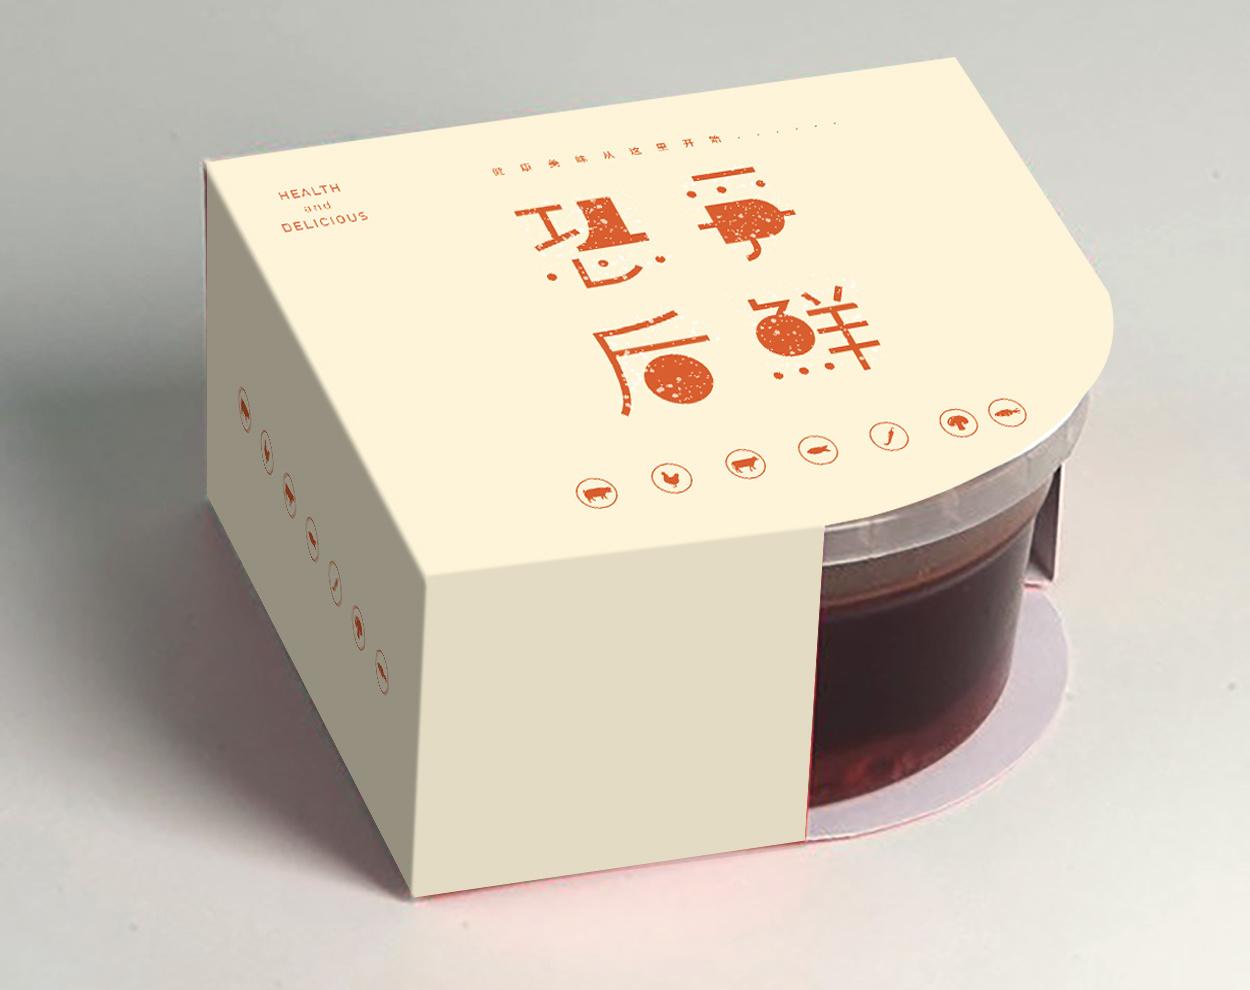 包装 包装设计 设计 箱子 1250_990图片